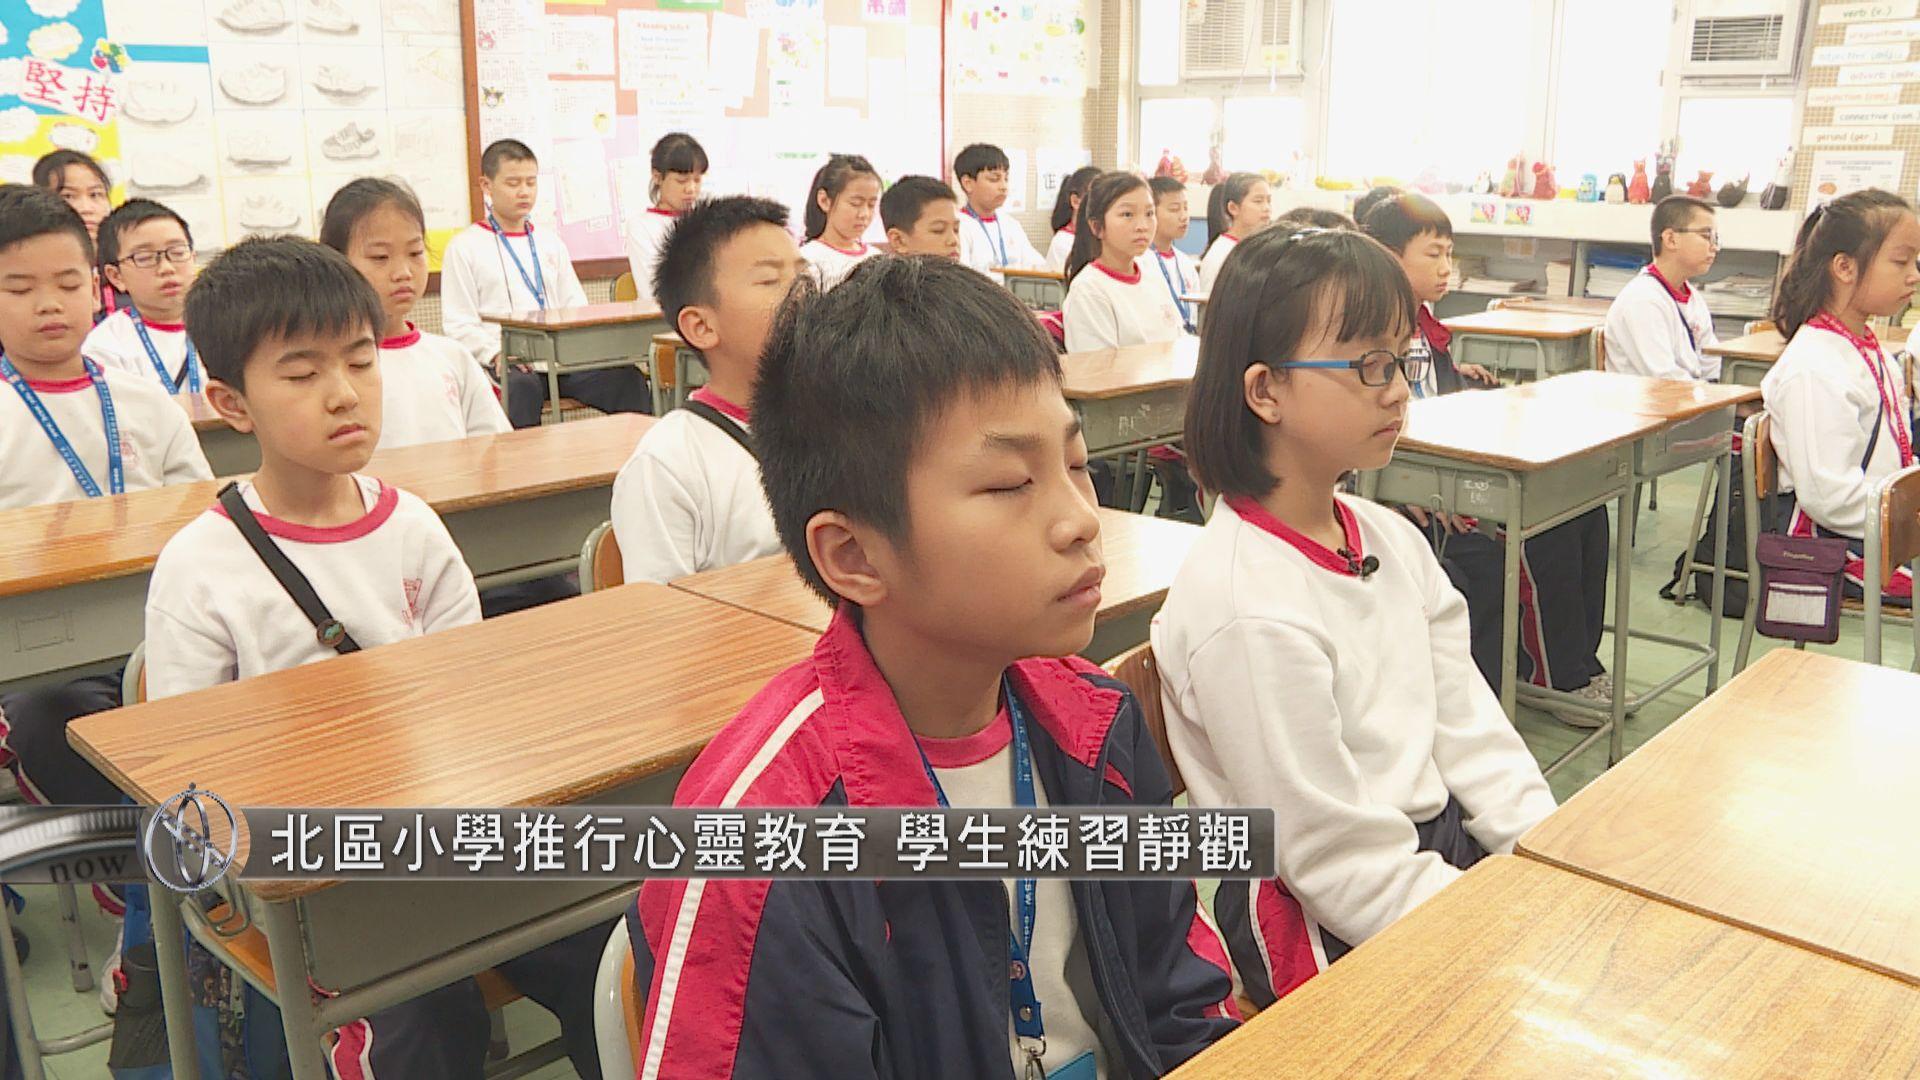 【經緯線本周提要】小學推心靈教育 學業心靈同步成長